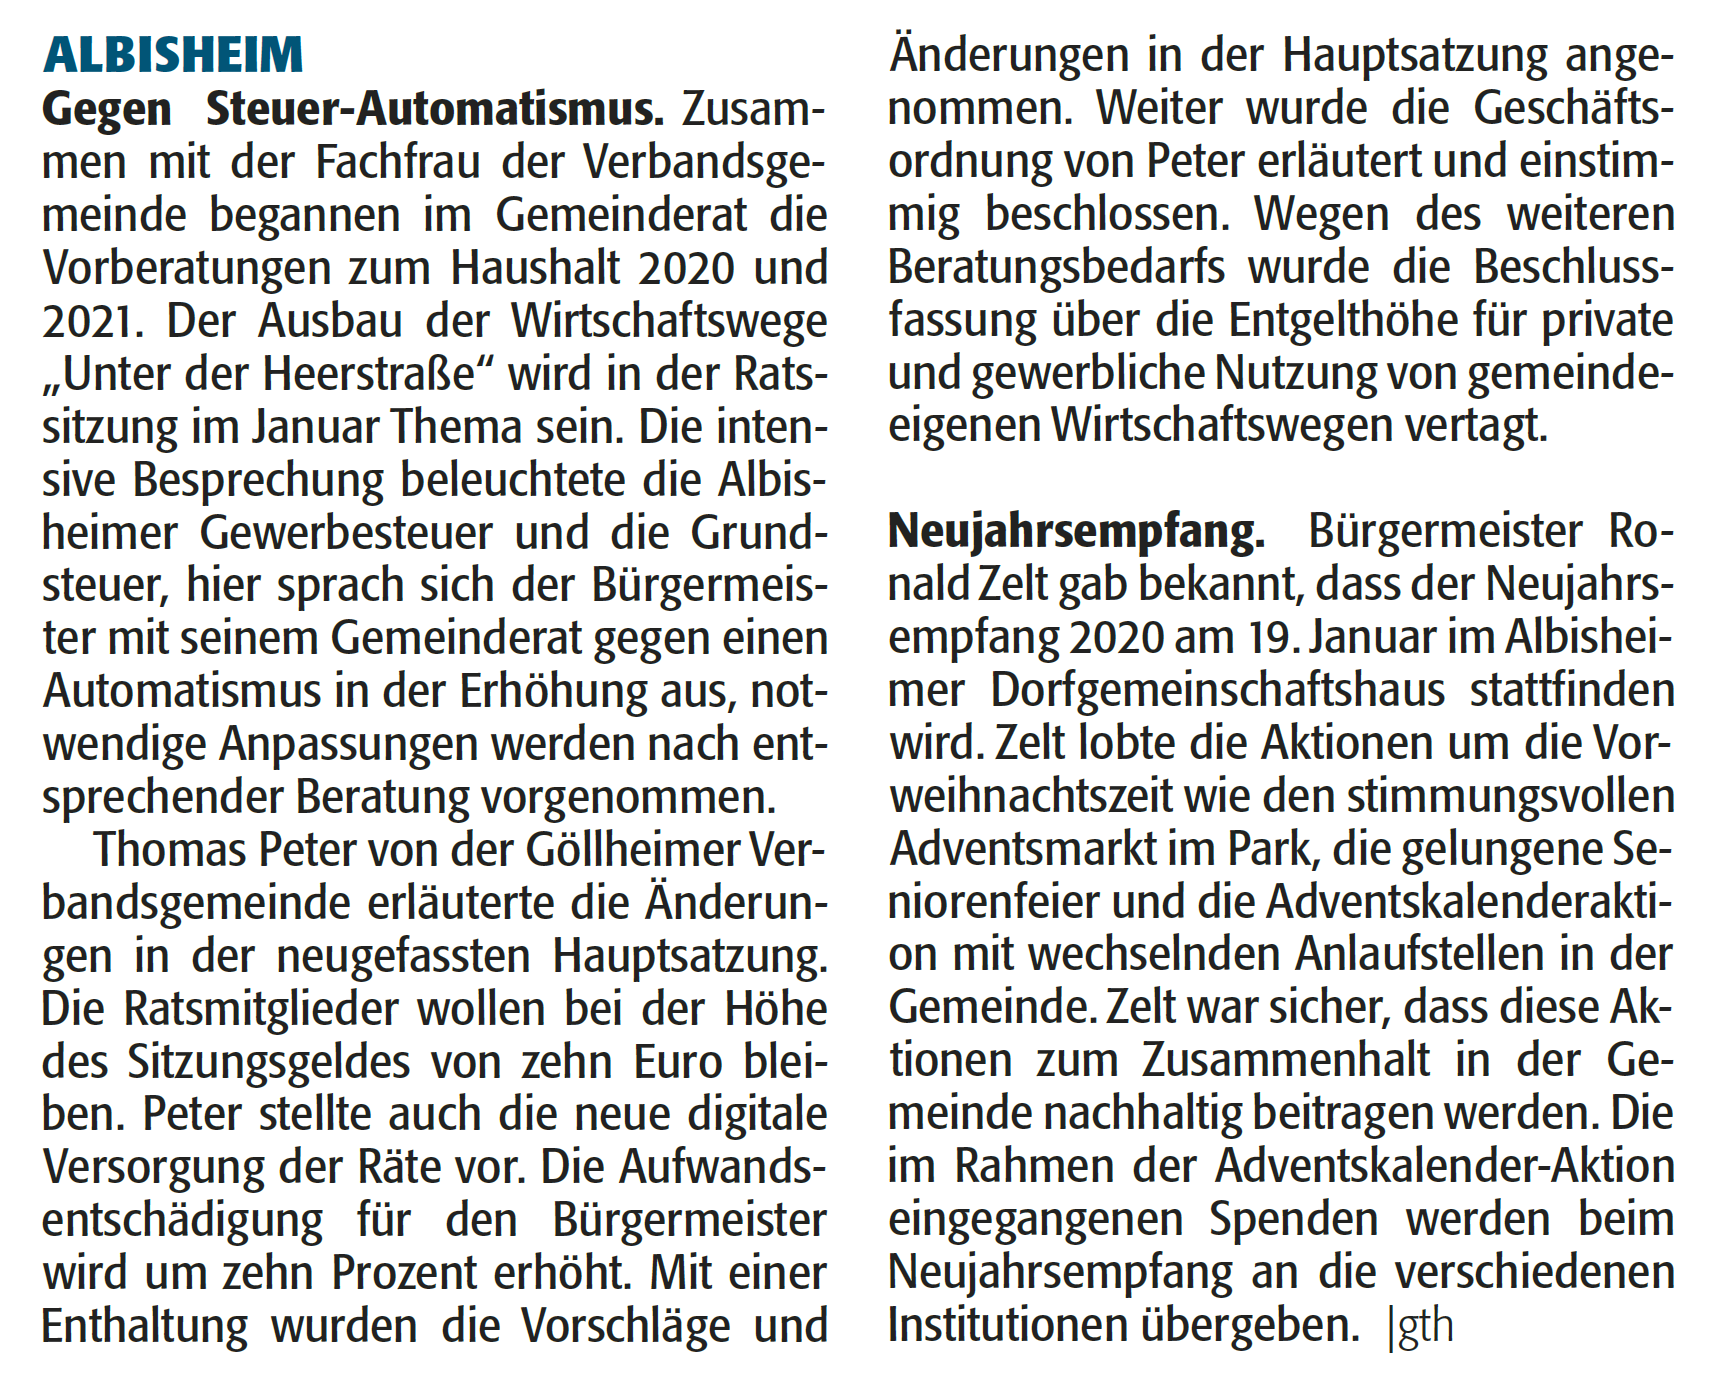 Artikel der Rheinpfalz vom 27.12.2019